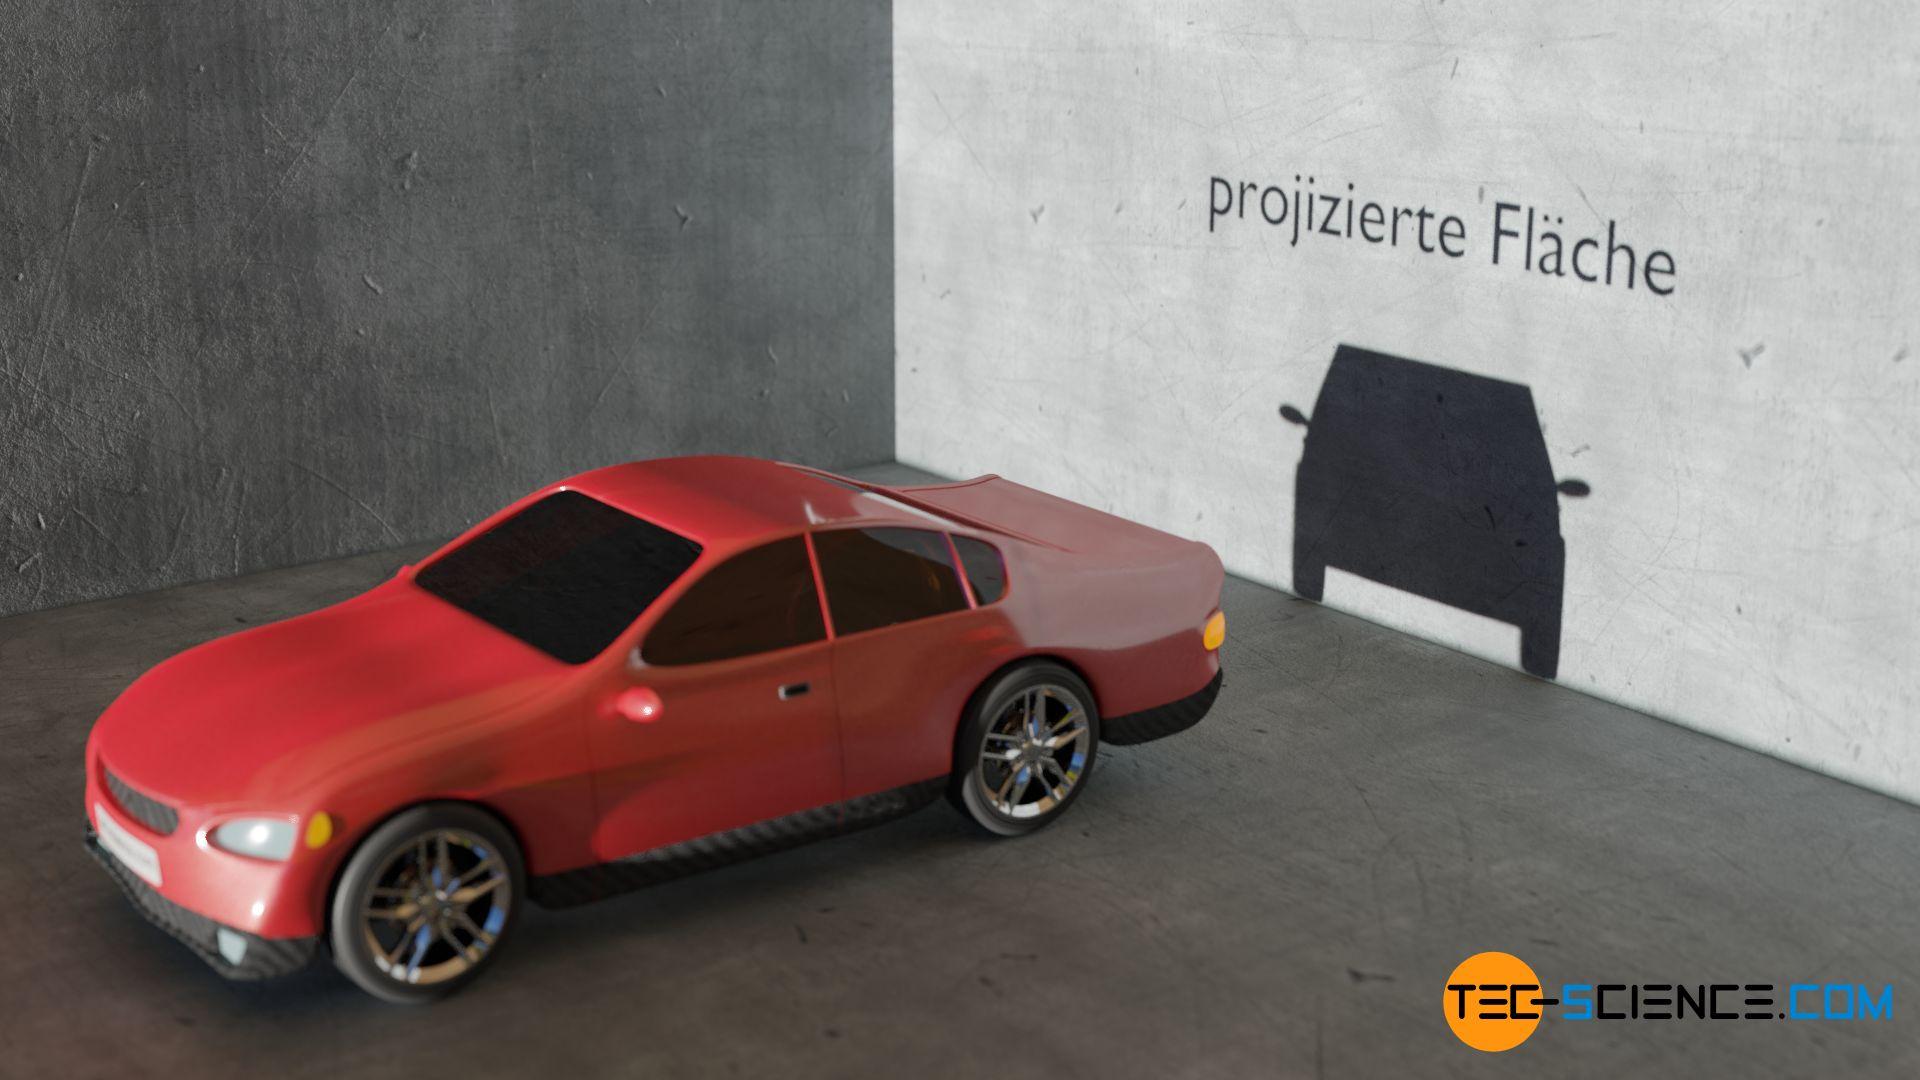 Projizierte Fläche eines Autos zur Bestimmung des Luftwiderstandes